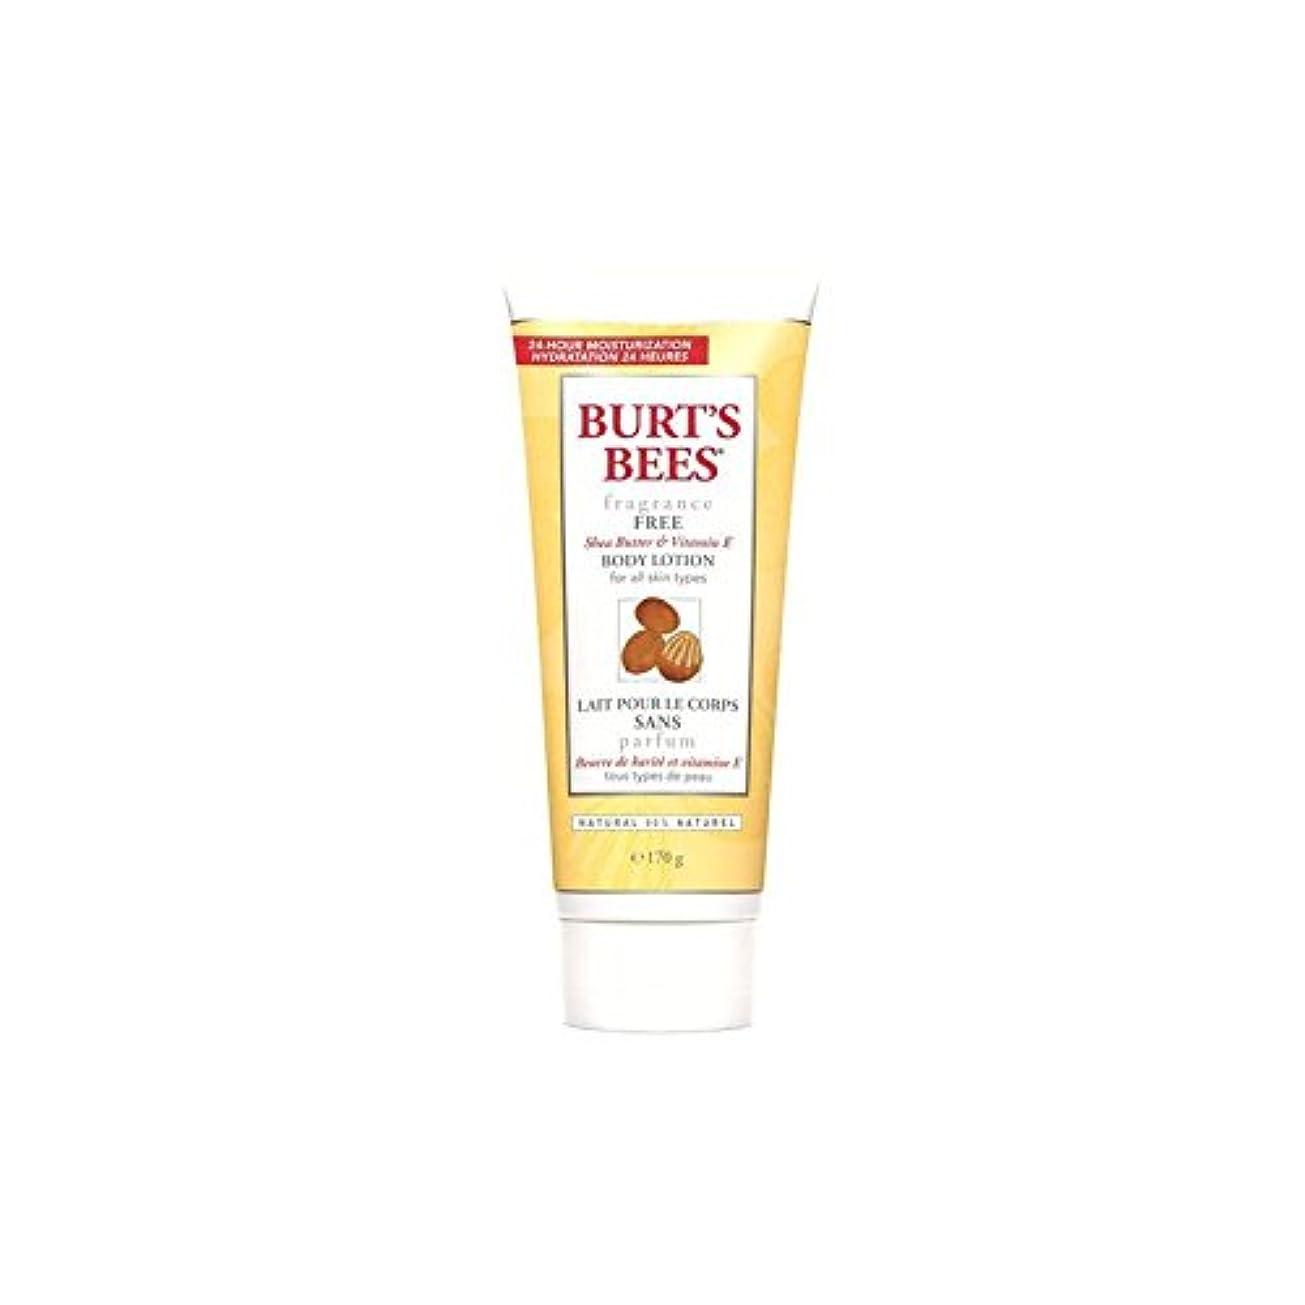 審判時計ベイビーバーツビーボディローション - 無香料6オンス x2 - Burt's Bees Body Lotion - Fragrance Free 6fl oz (Pack of 2) [並行輸入品]